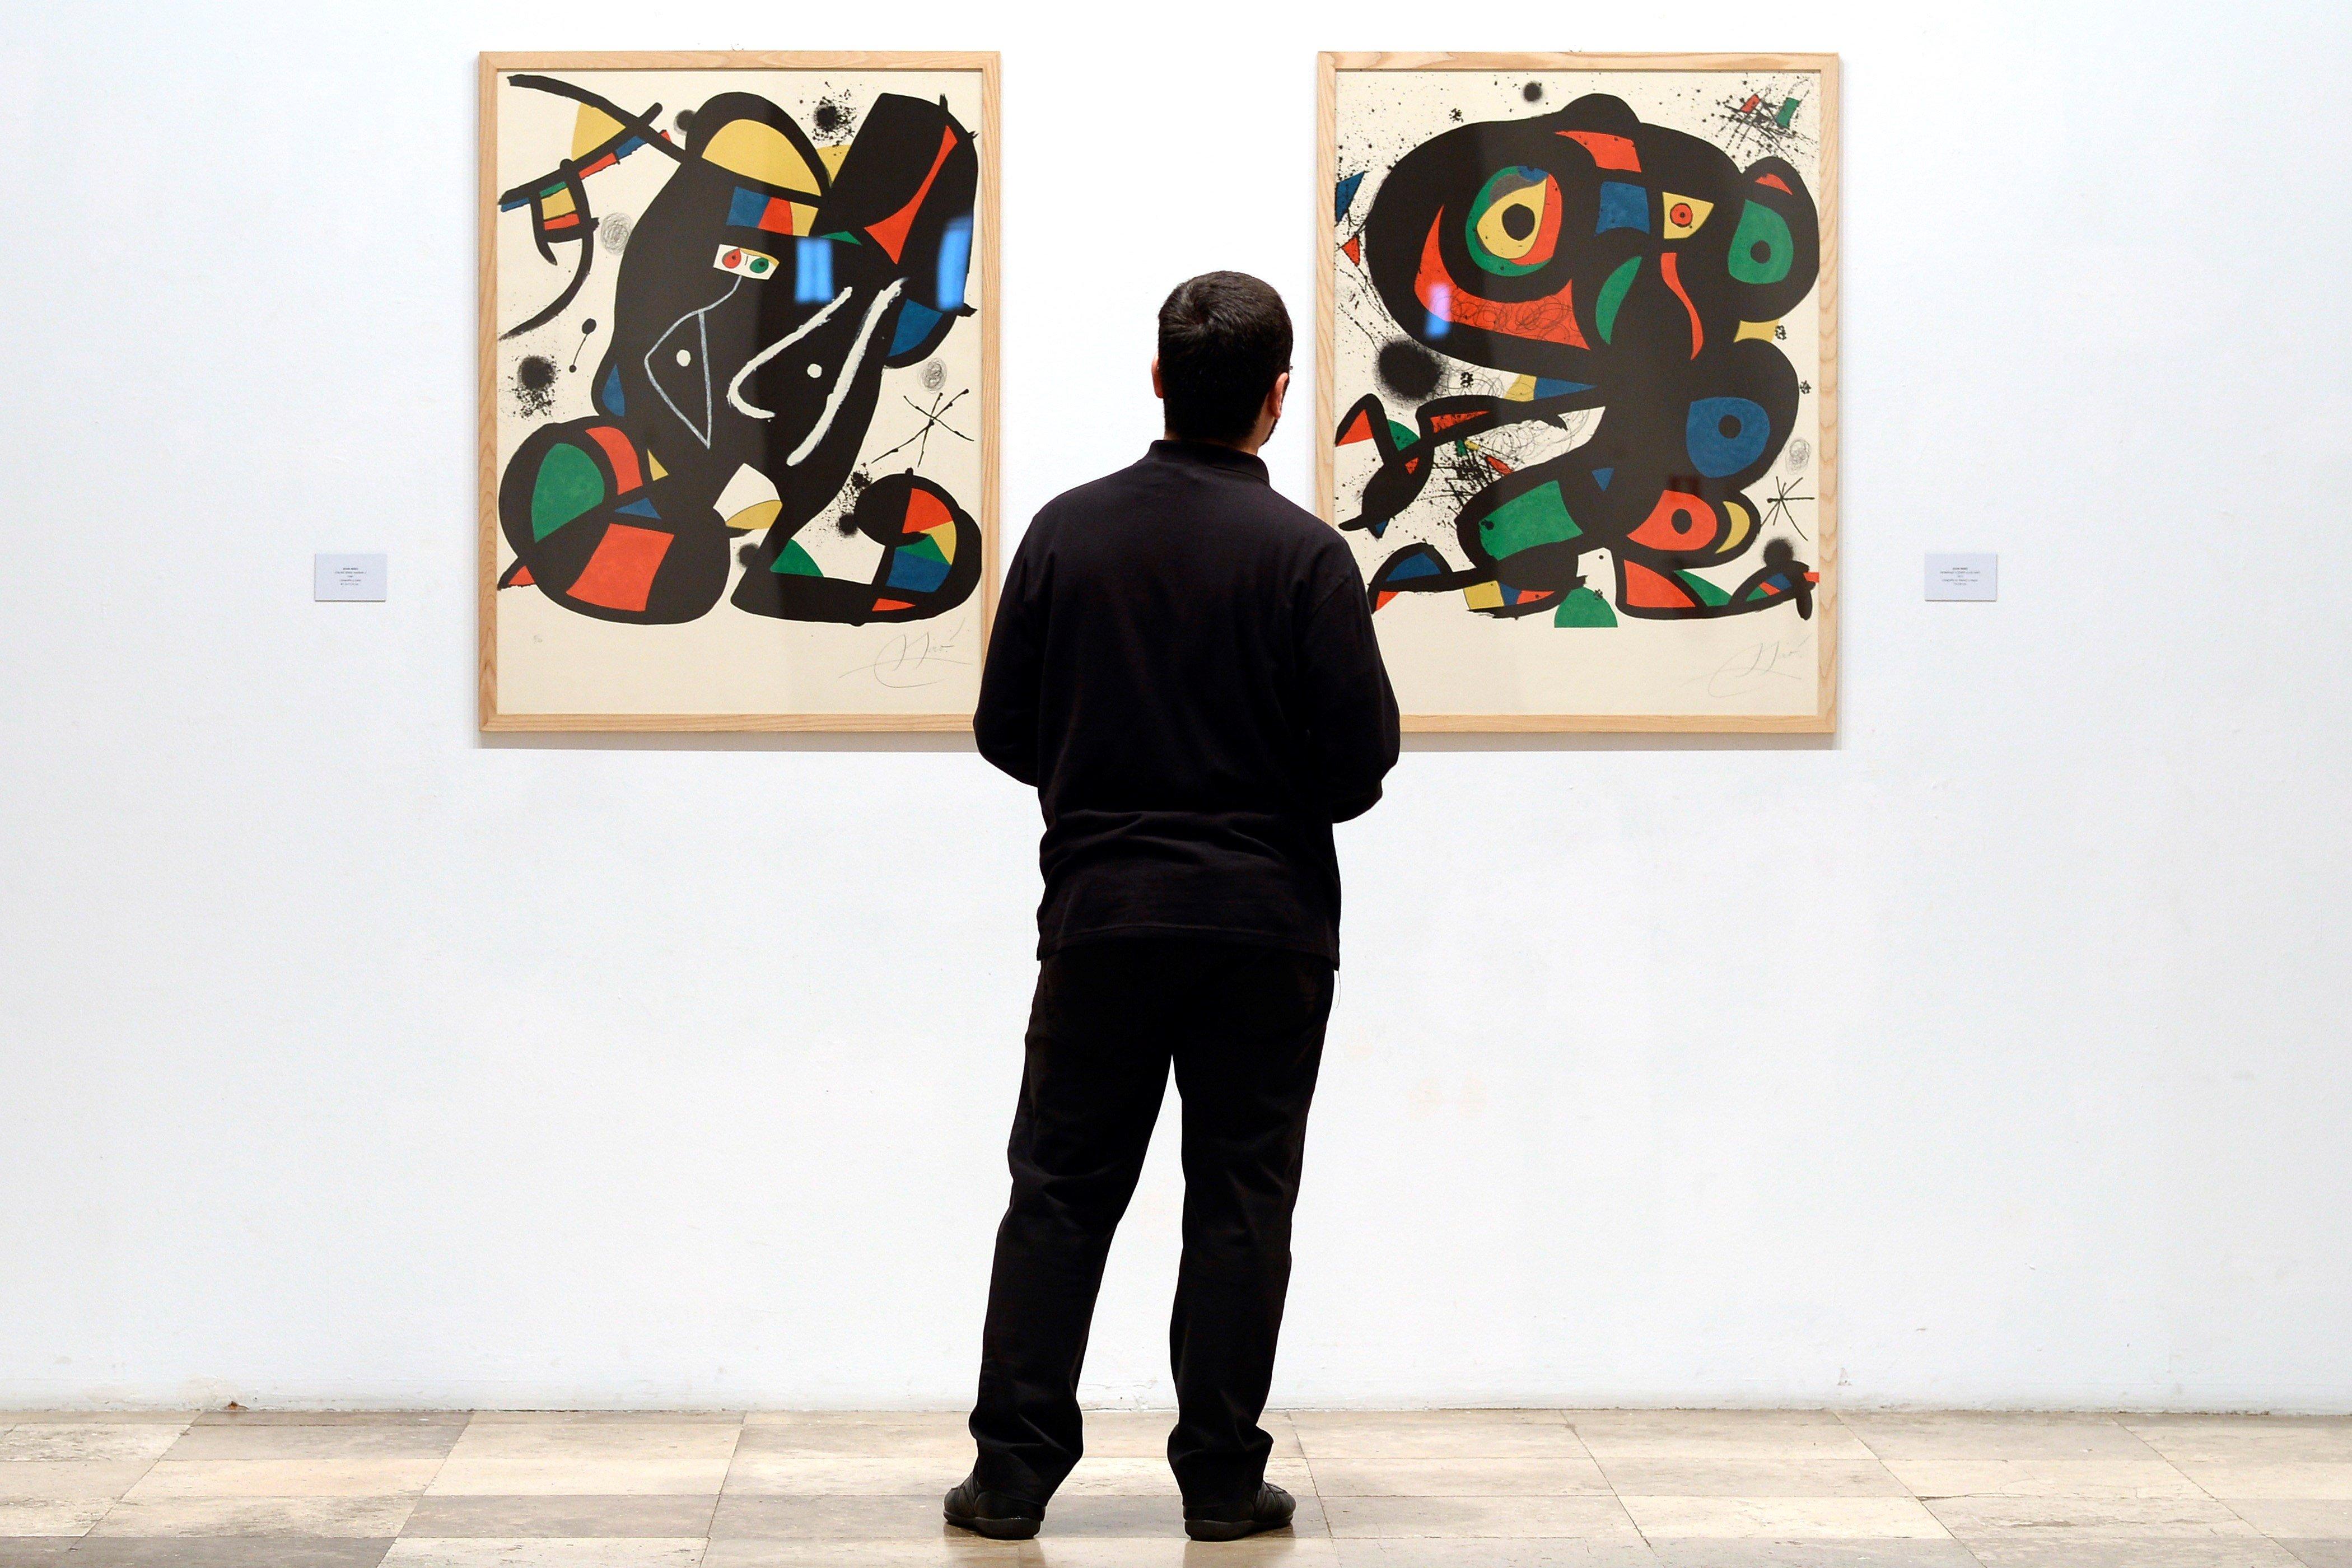 """Més de mig centenar d'obres despleguen a Valladolid el """"jardí de les meravelles"""" de Joan Miró. /NACHO GALLEGO"""